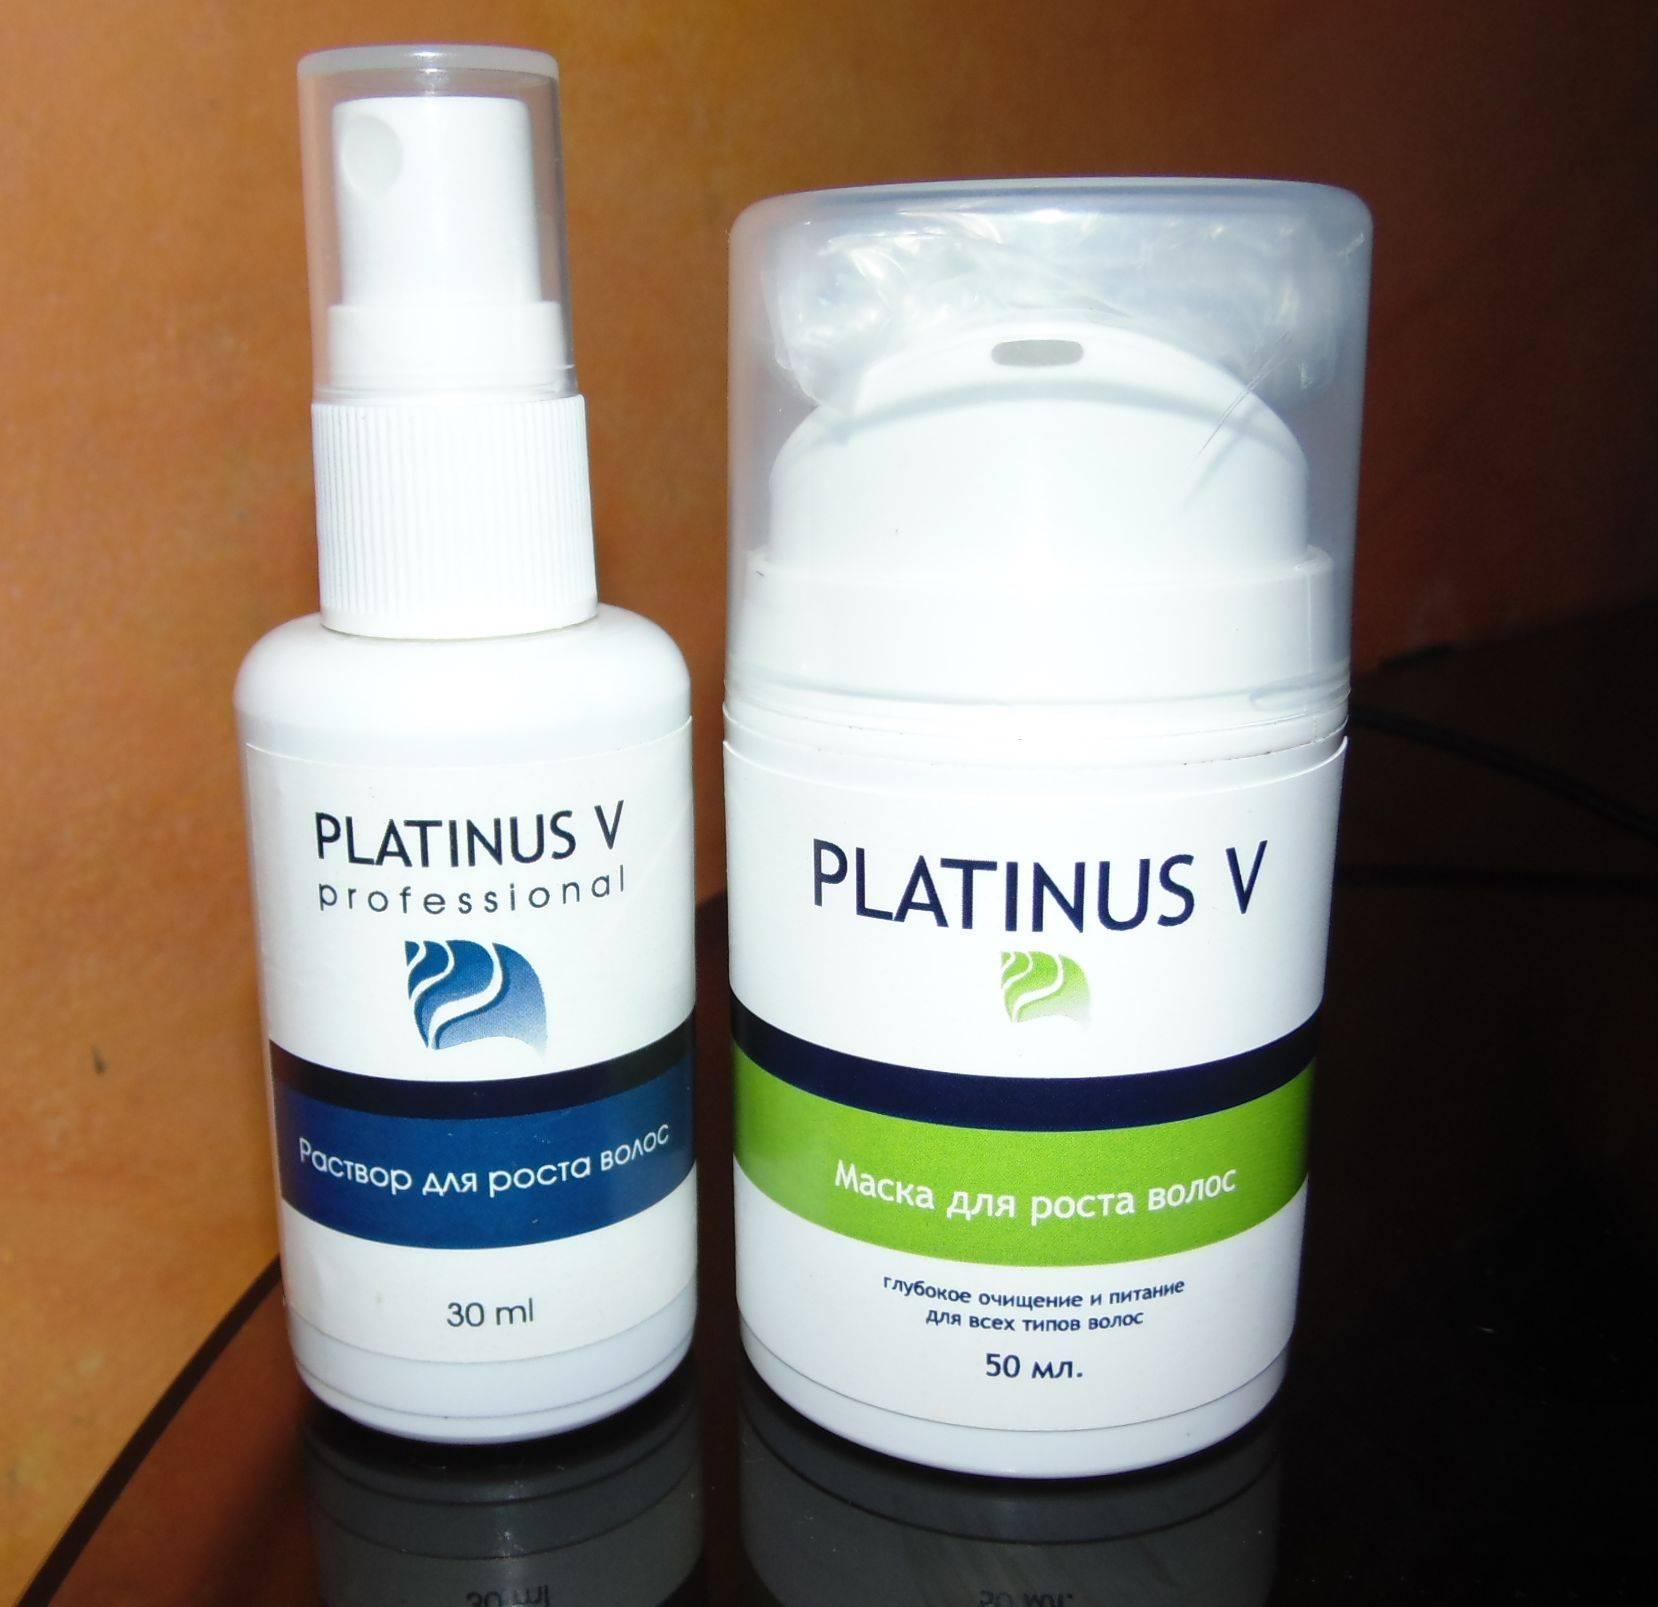 Доступный рейтинг эффективных спреев для роста волос! обзор применения средств генеролон, пантенол и других